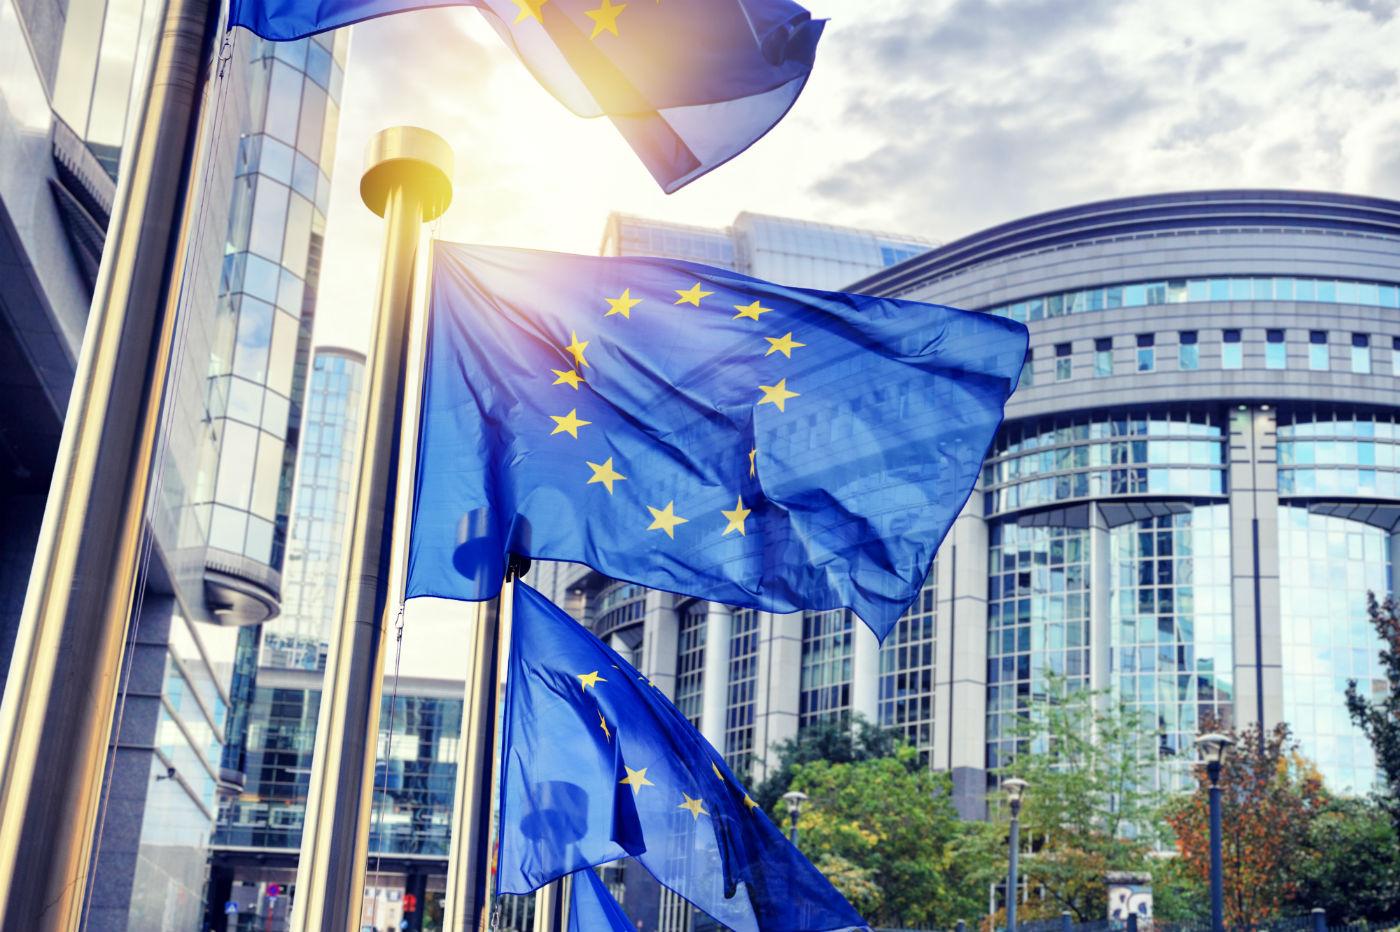 Tour dell'unione europea - Un viaggio alla scoperta della storia dell'Unione europea e non solo...Prezzo:: 15€